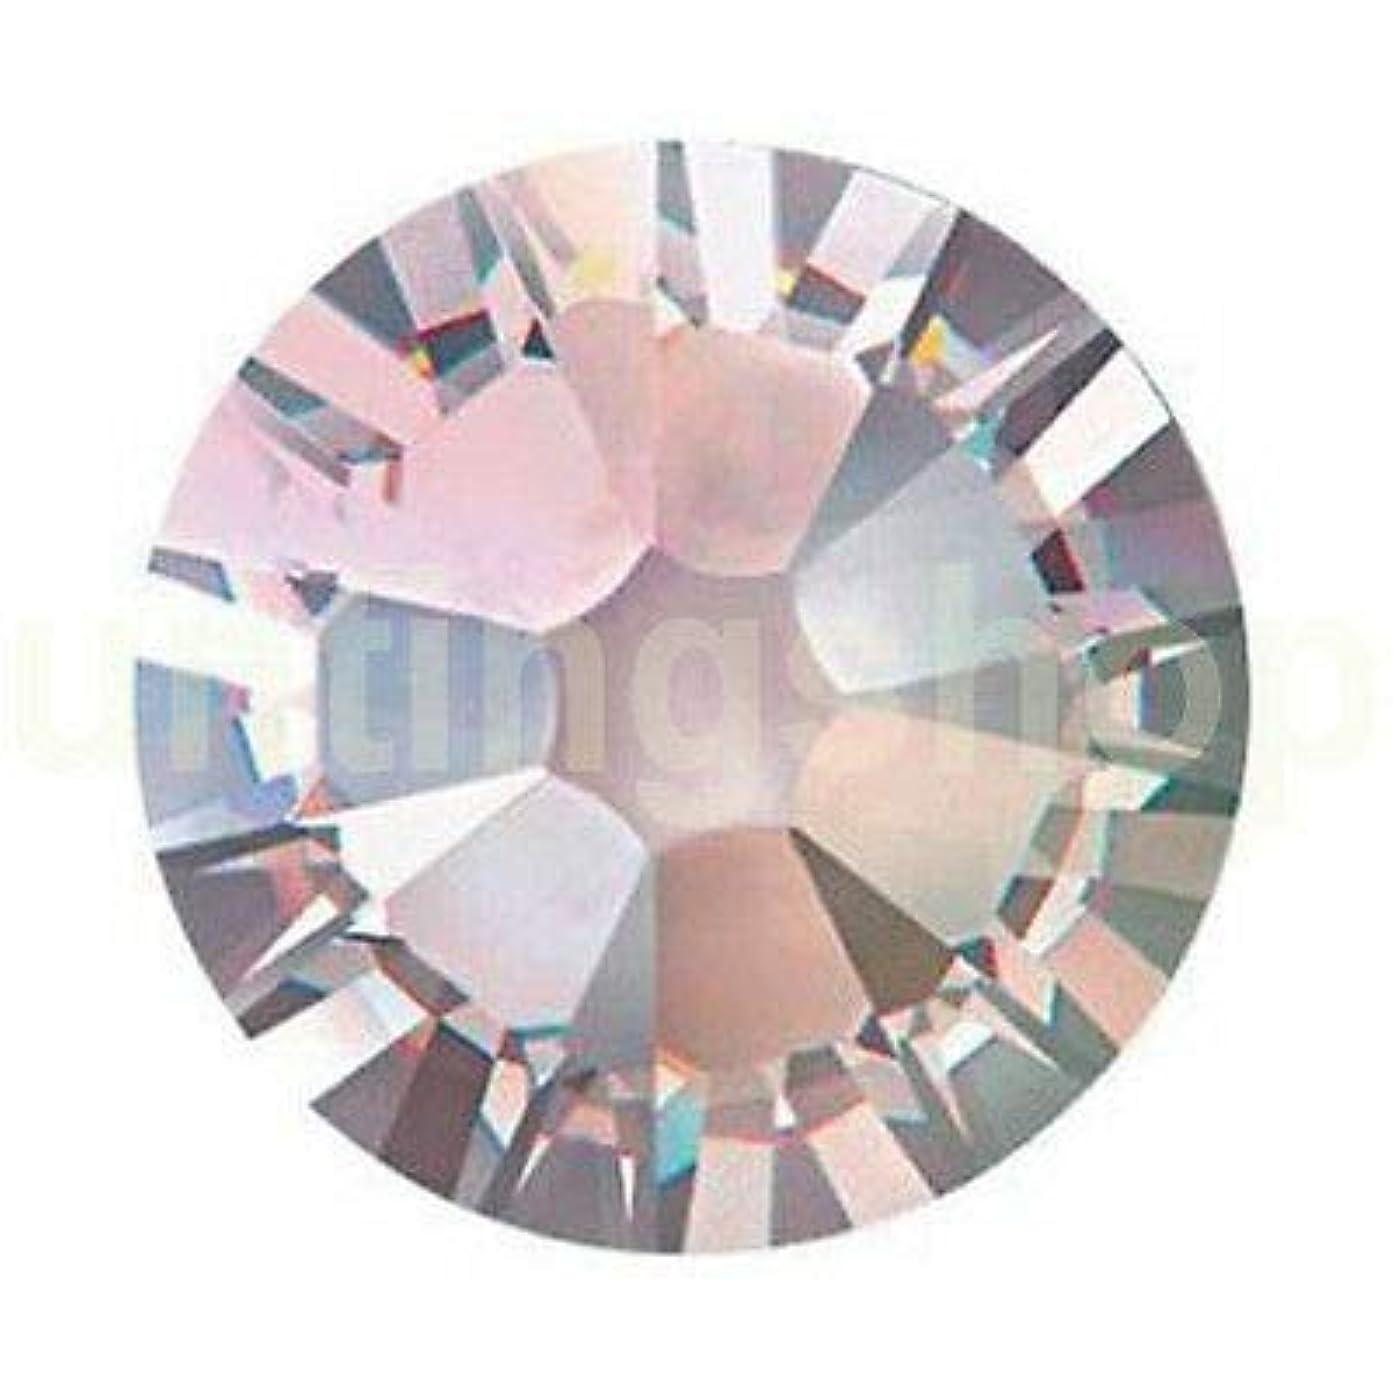 聖なる警報市の花FidgetGear DIY 1.3-8.5 mmクリスタルヒラタラインストーンネイルアートデコレーションSS3-SS40 クリスタルAB